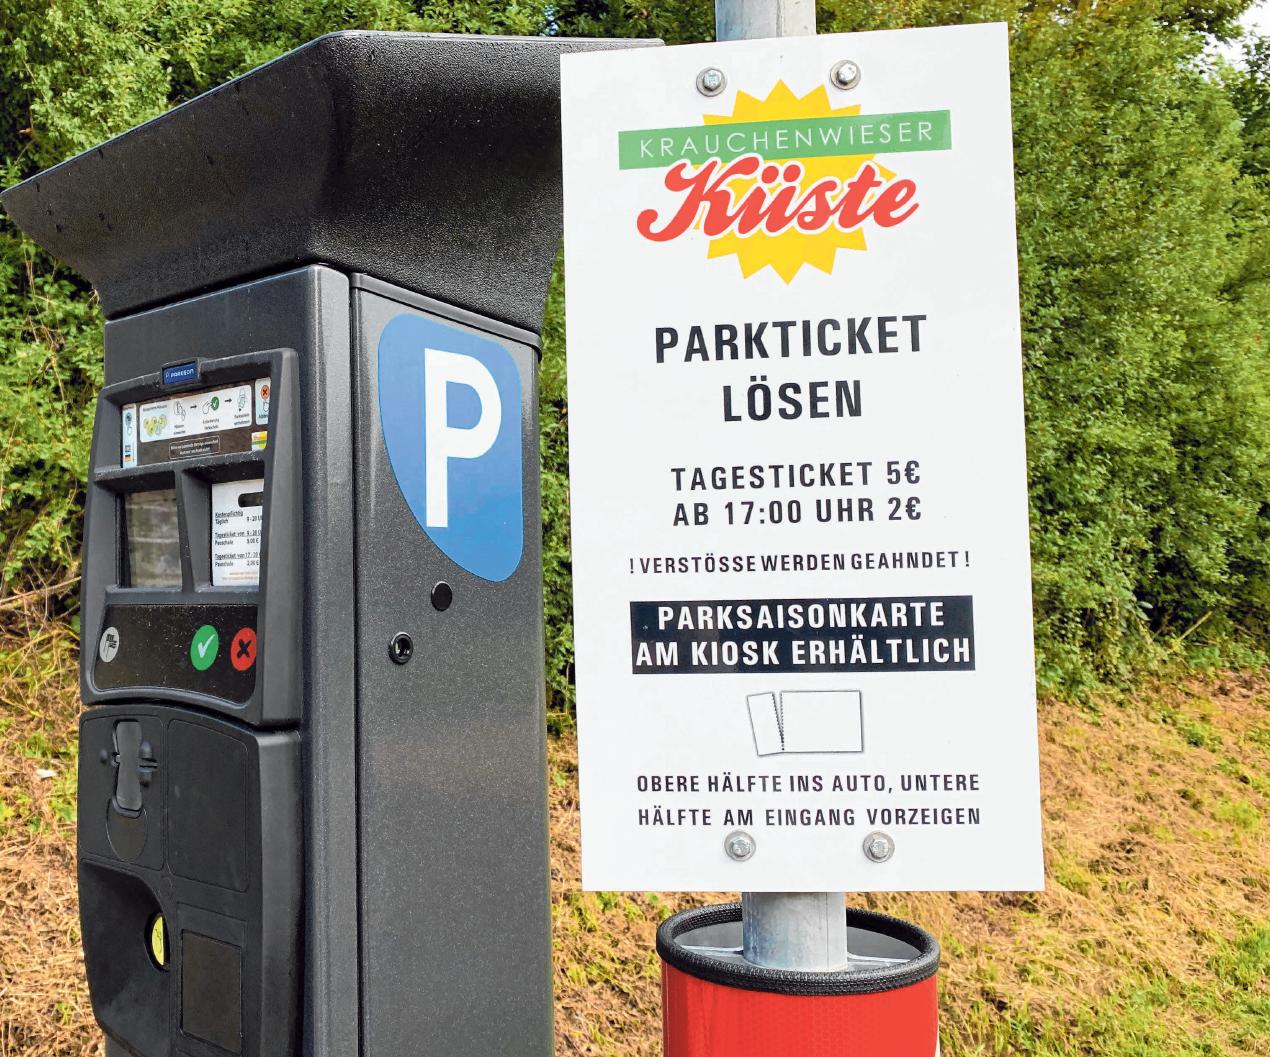 """Seit diesem Jahr fallen an der """"Krauchenwieser Küste"""" statt Eintrittsgebühren Parkgebühren an. Foto: Streich"""